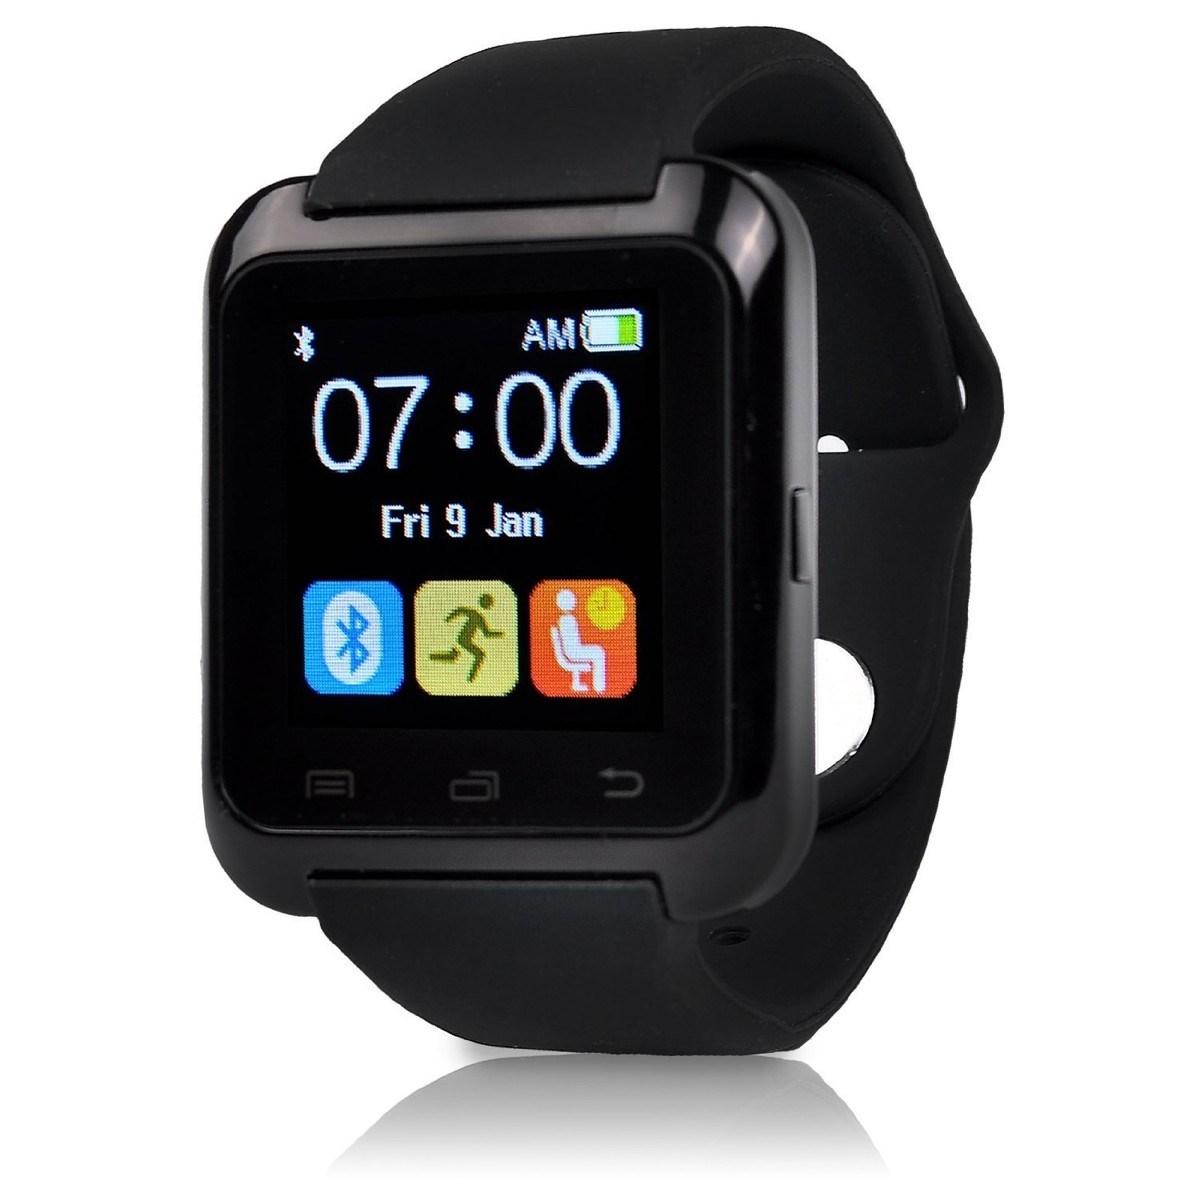 По сути, эти smart-часы представляют собой фитнес-браслет, но с крупным и информативным экраном и съёмным перфорированным ремешком.